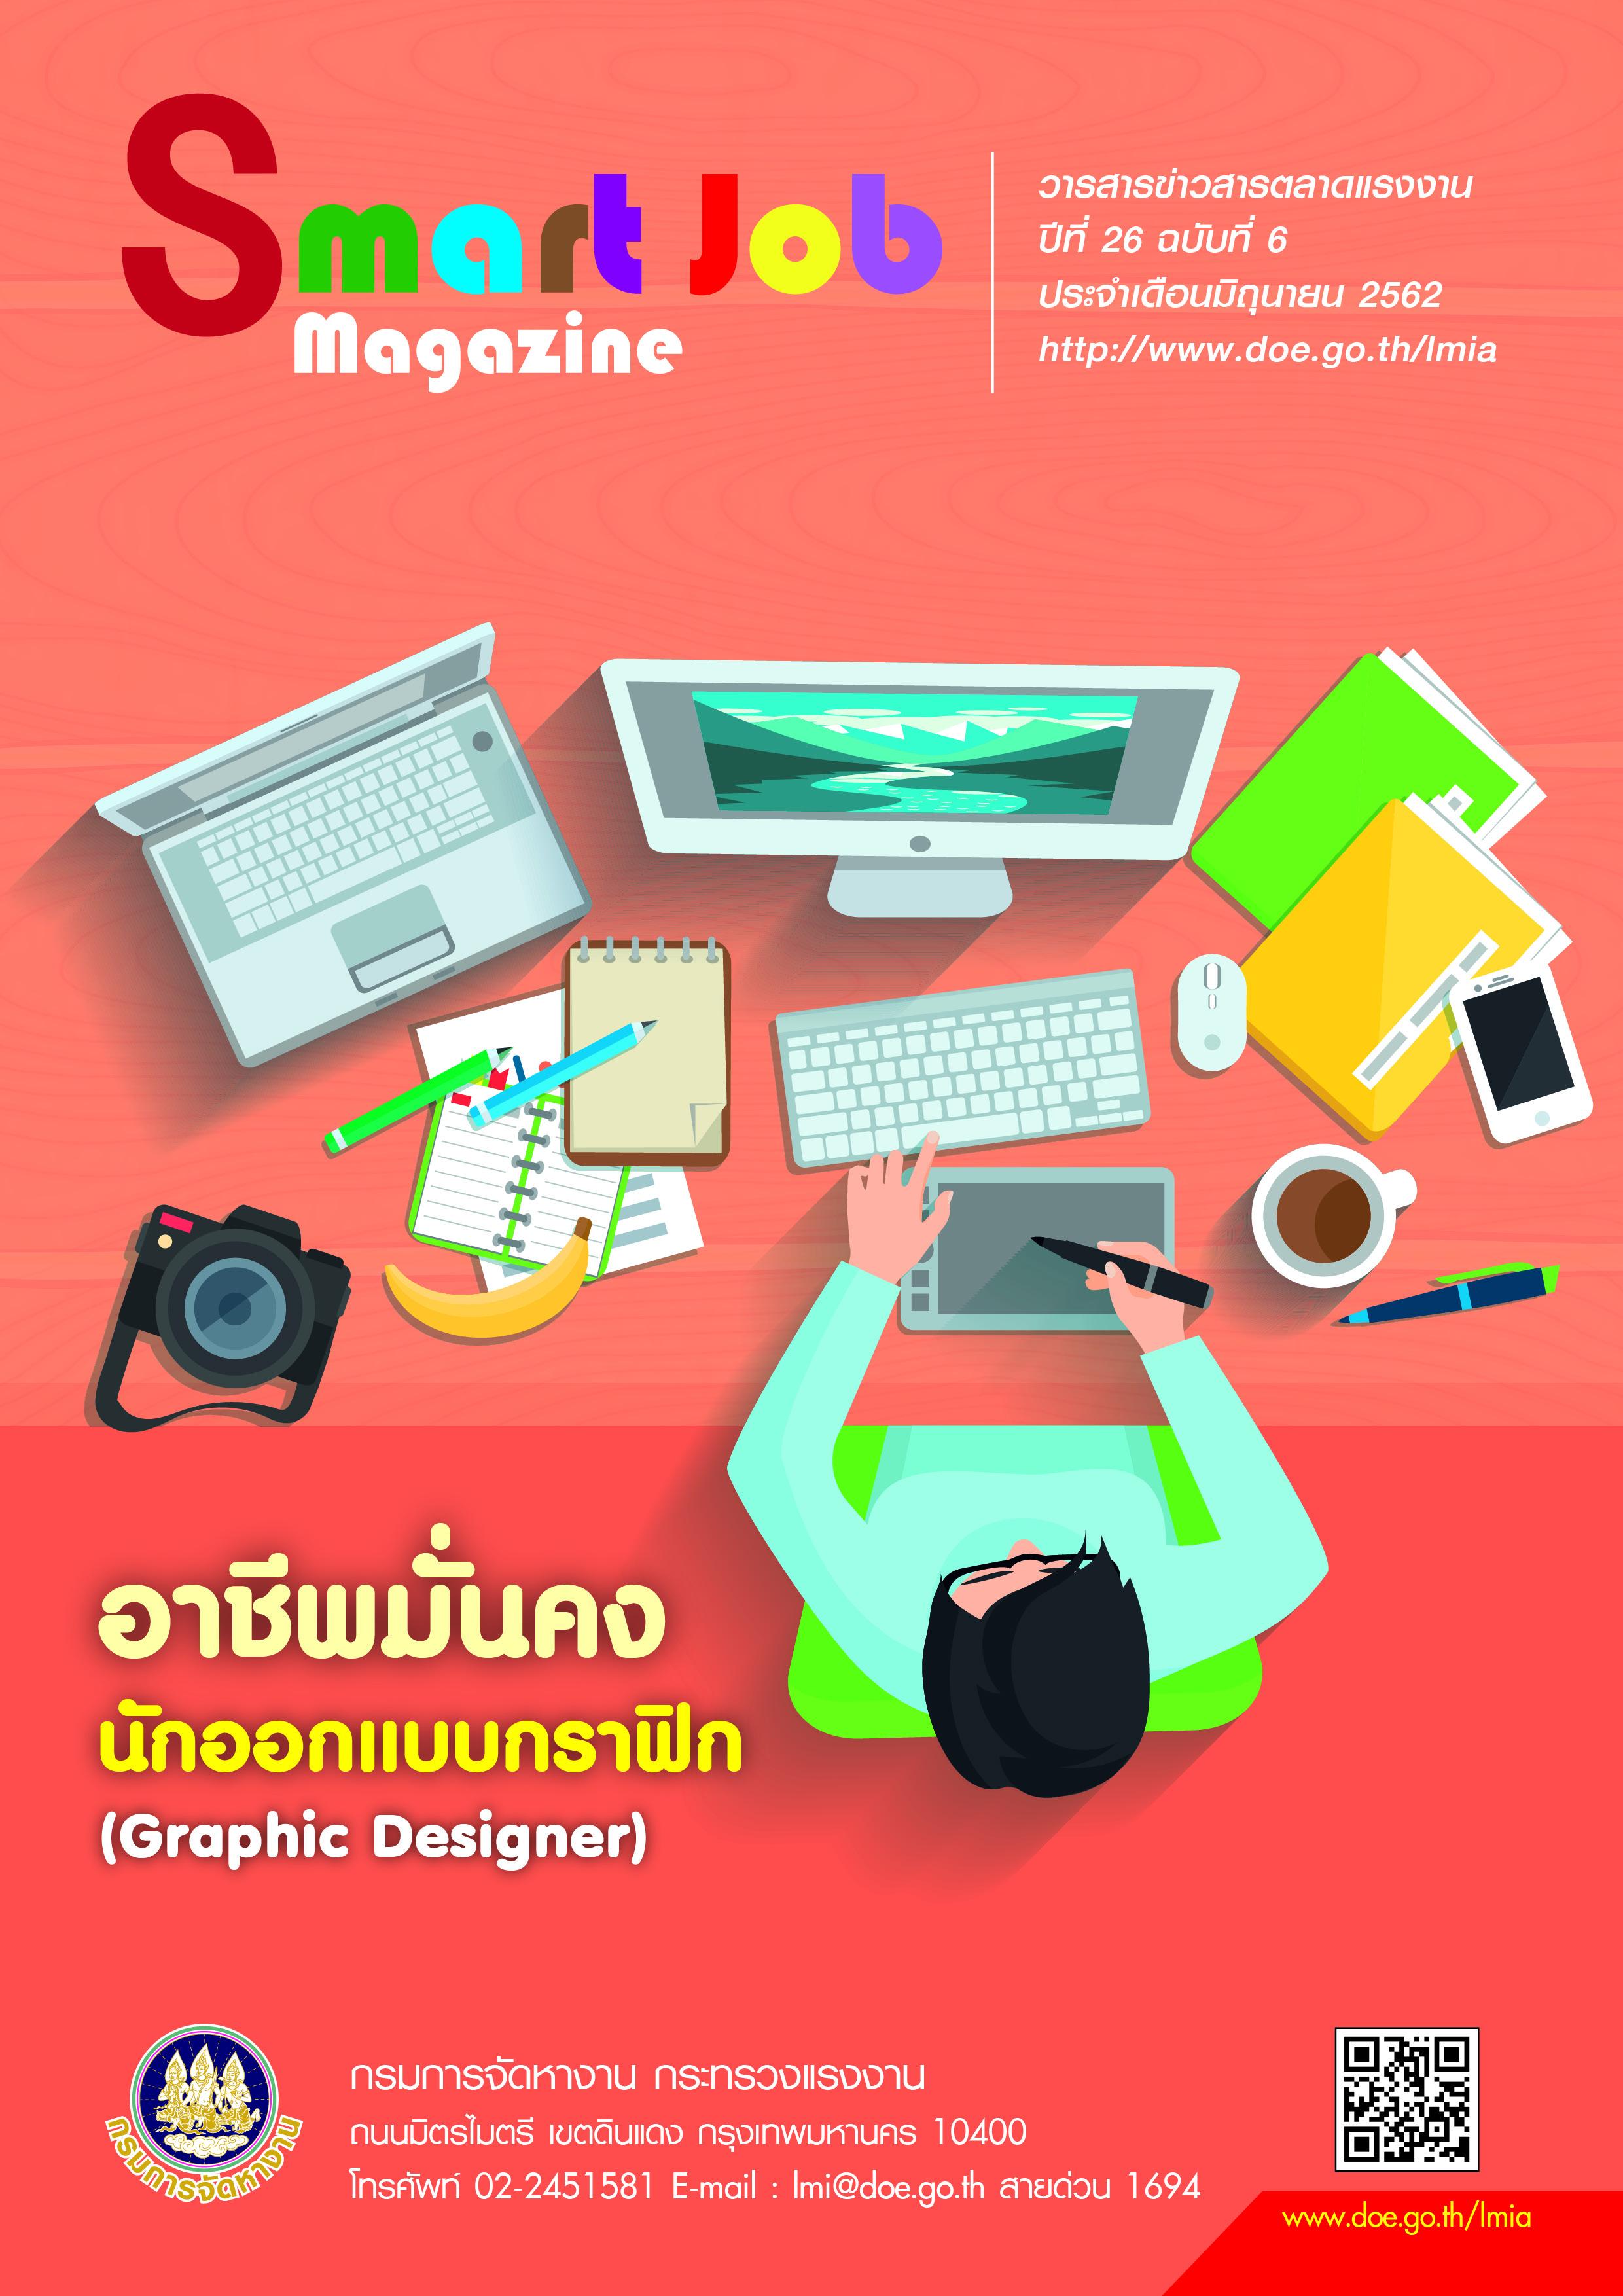 วารสารข่าวสารตลาดแรงงาน Smart Job Magazine ประจำเดือนพฤษภาคม 2562